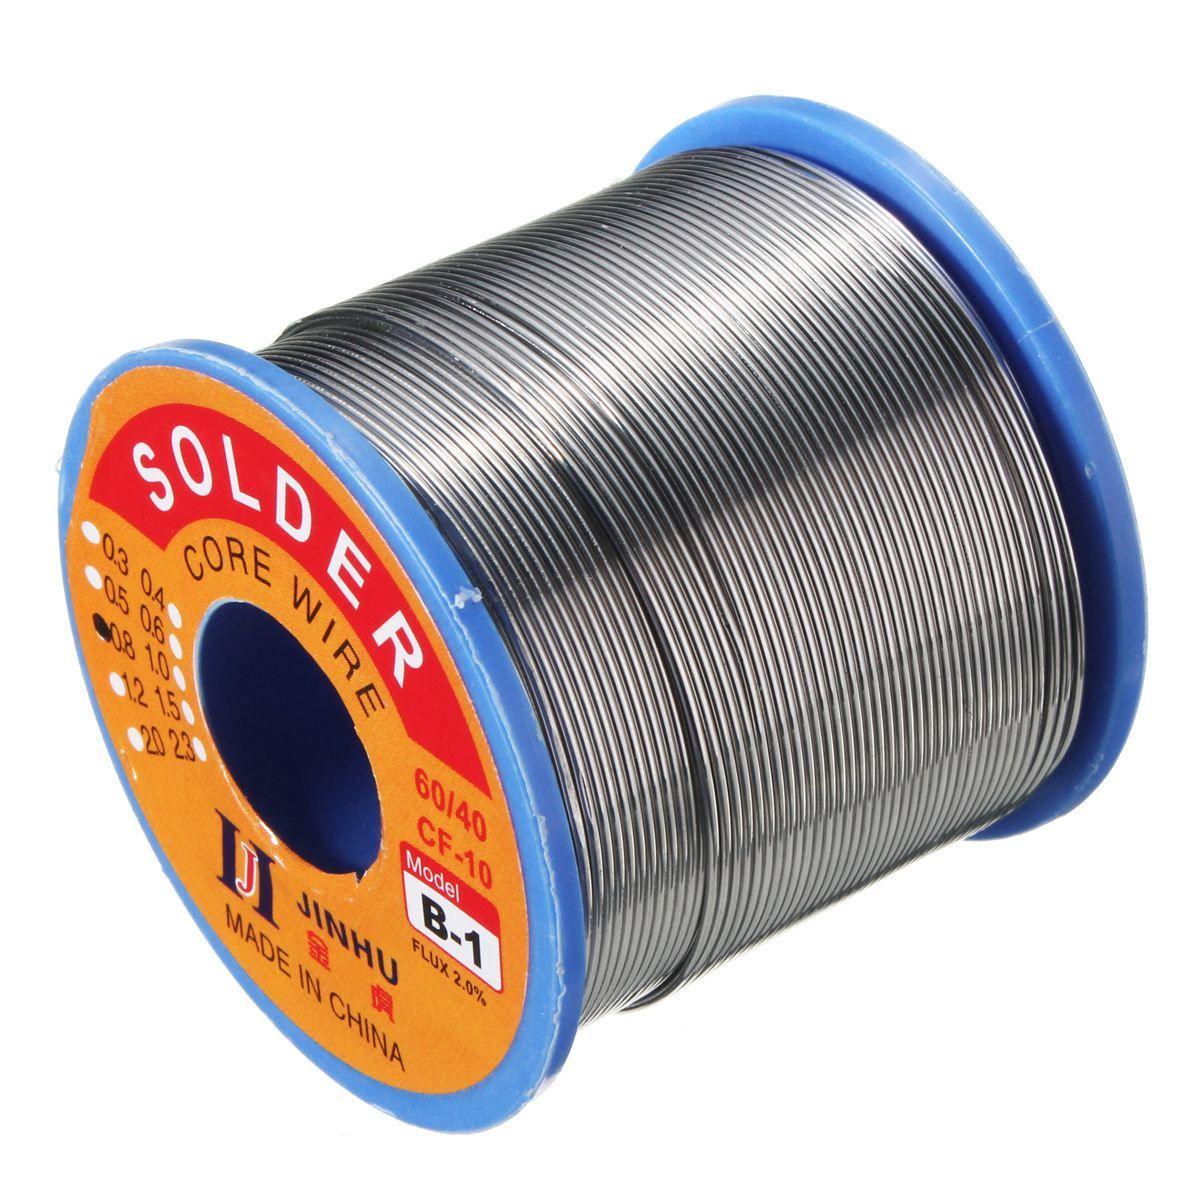 0.5/0.7/1mm 60/40 FLUX 2.0% 500g Tin Plomb À Souder Fil Melt Rosin base À Souder À Souder rouleau de fil